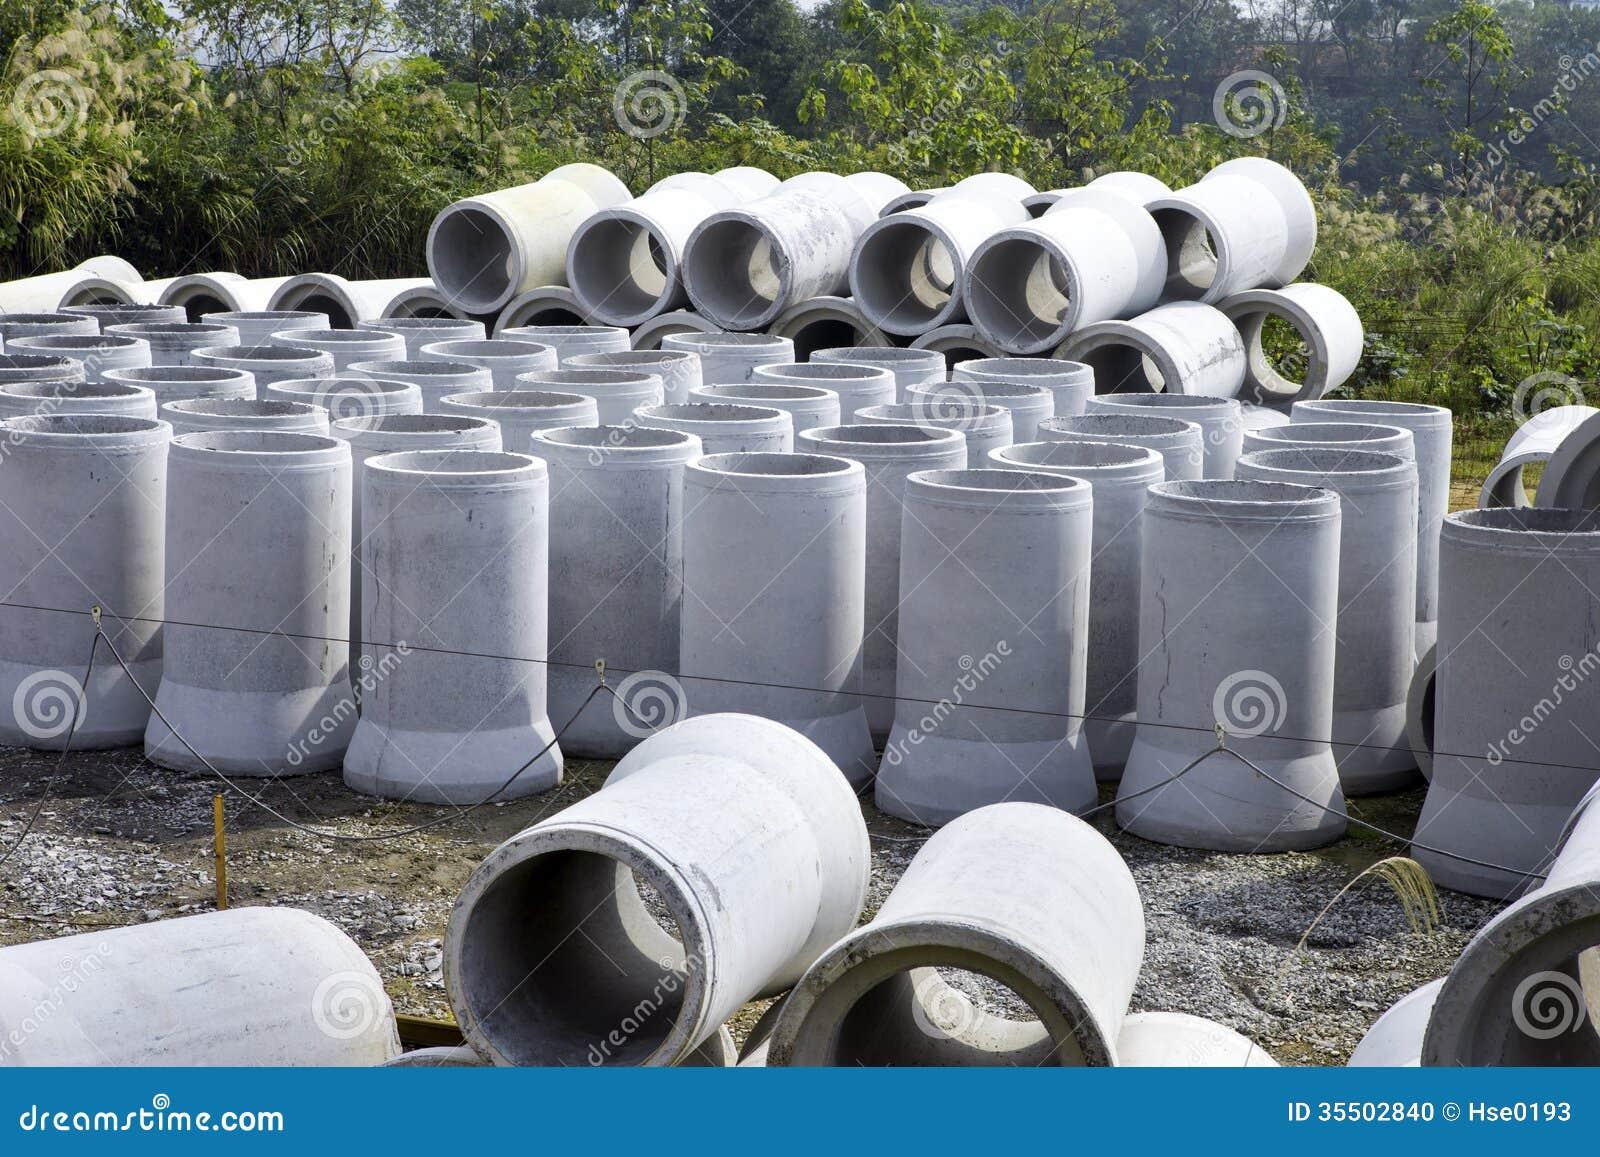 12 Concrete Pipe : Concrete pipe stock photo image